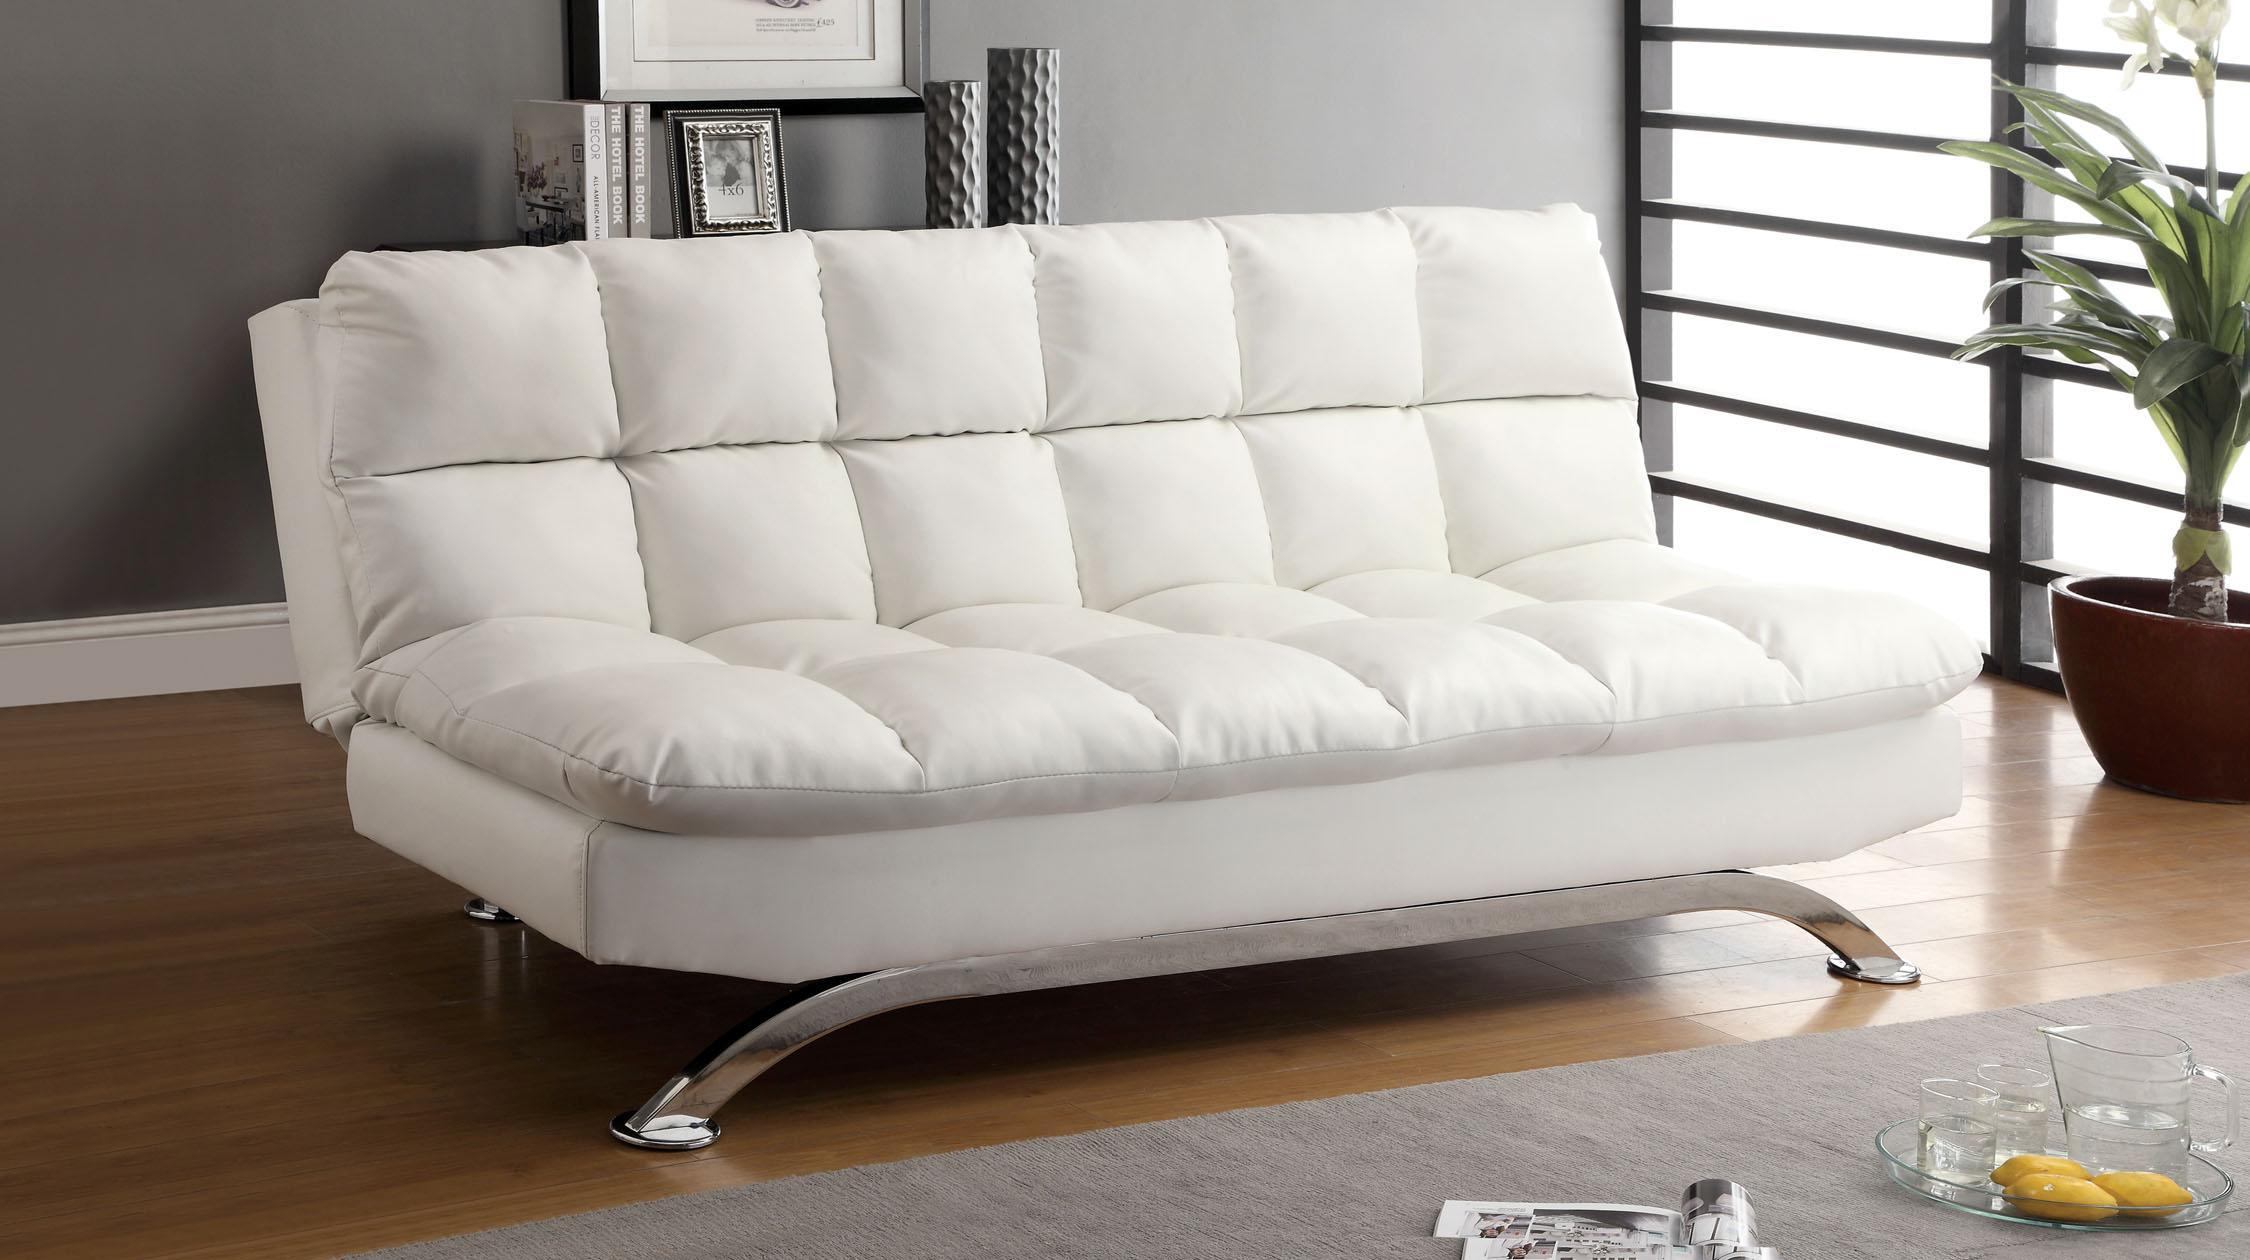 F.A Sofa Bed.